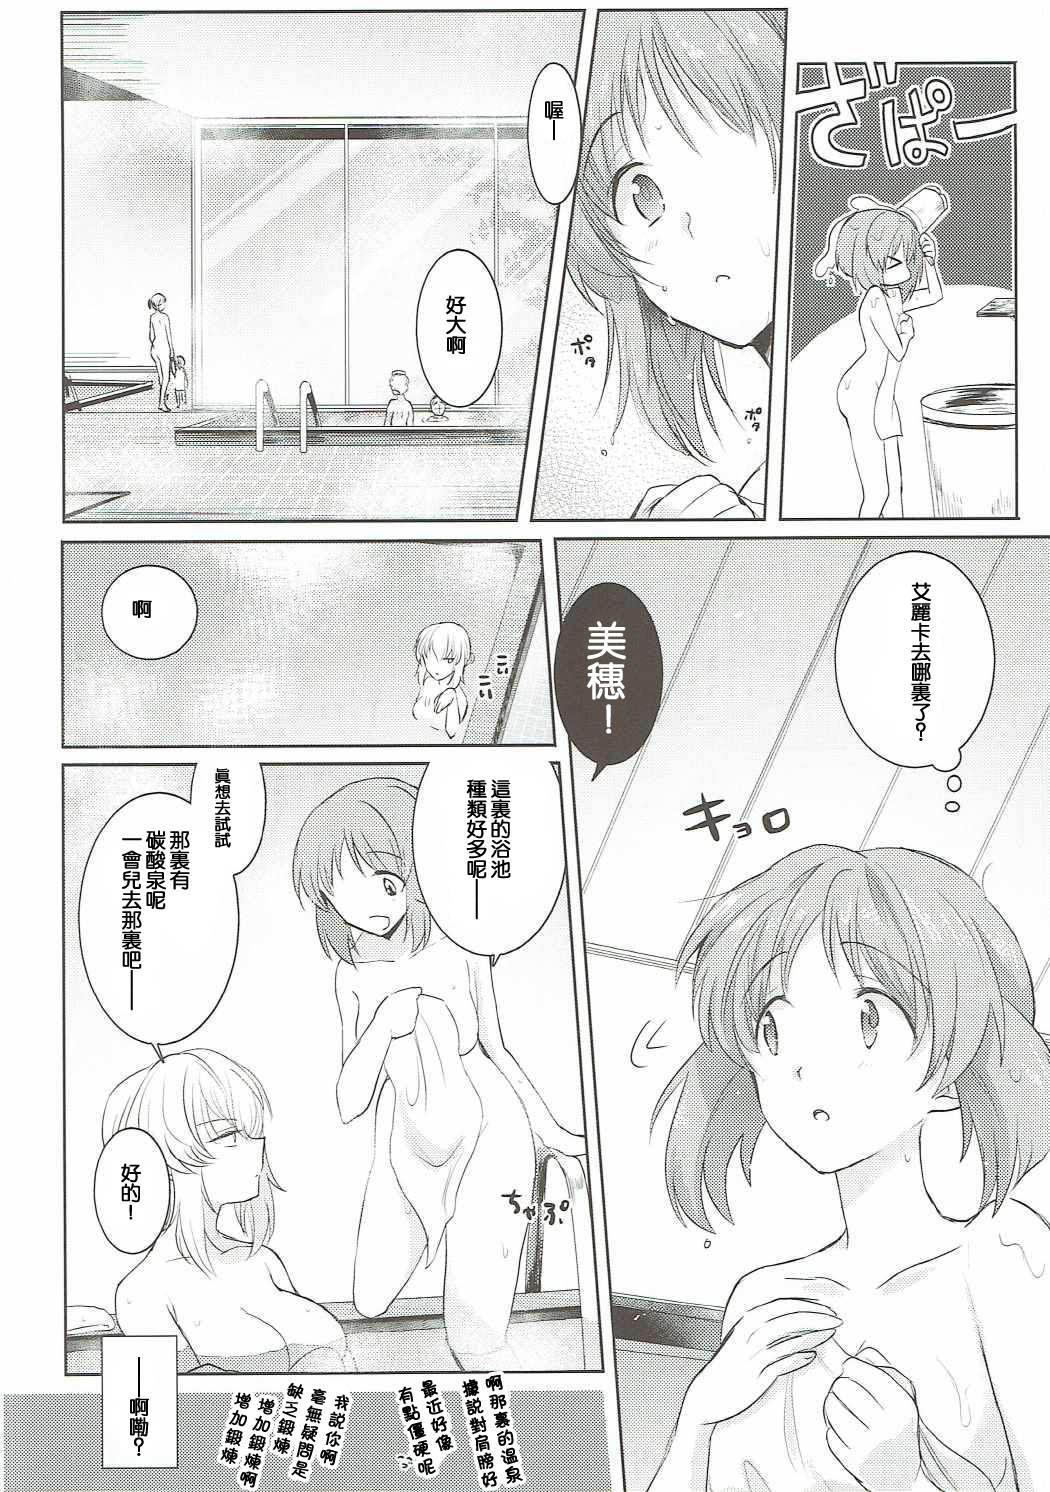 Futarikiri no Natsu 9